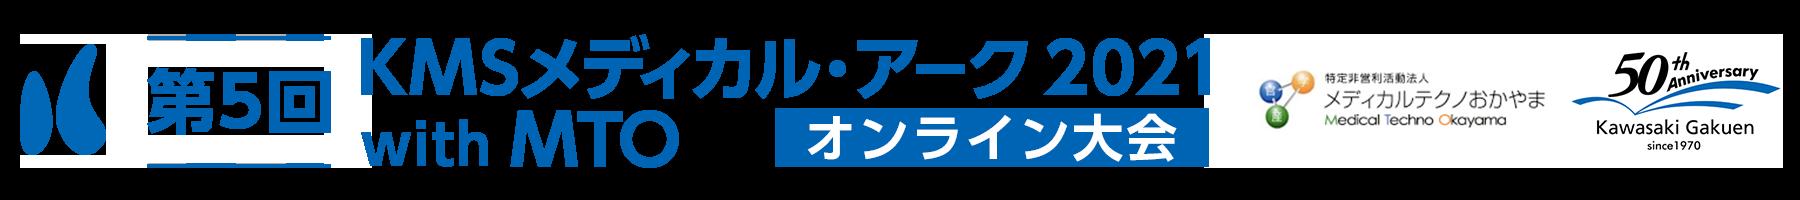 第5回 KMSメディカル・アーク 2021 with MTO(メディカルテクノおかやま)